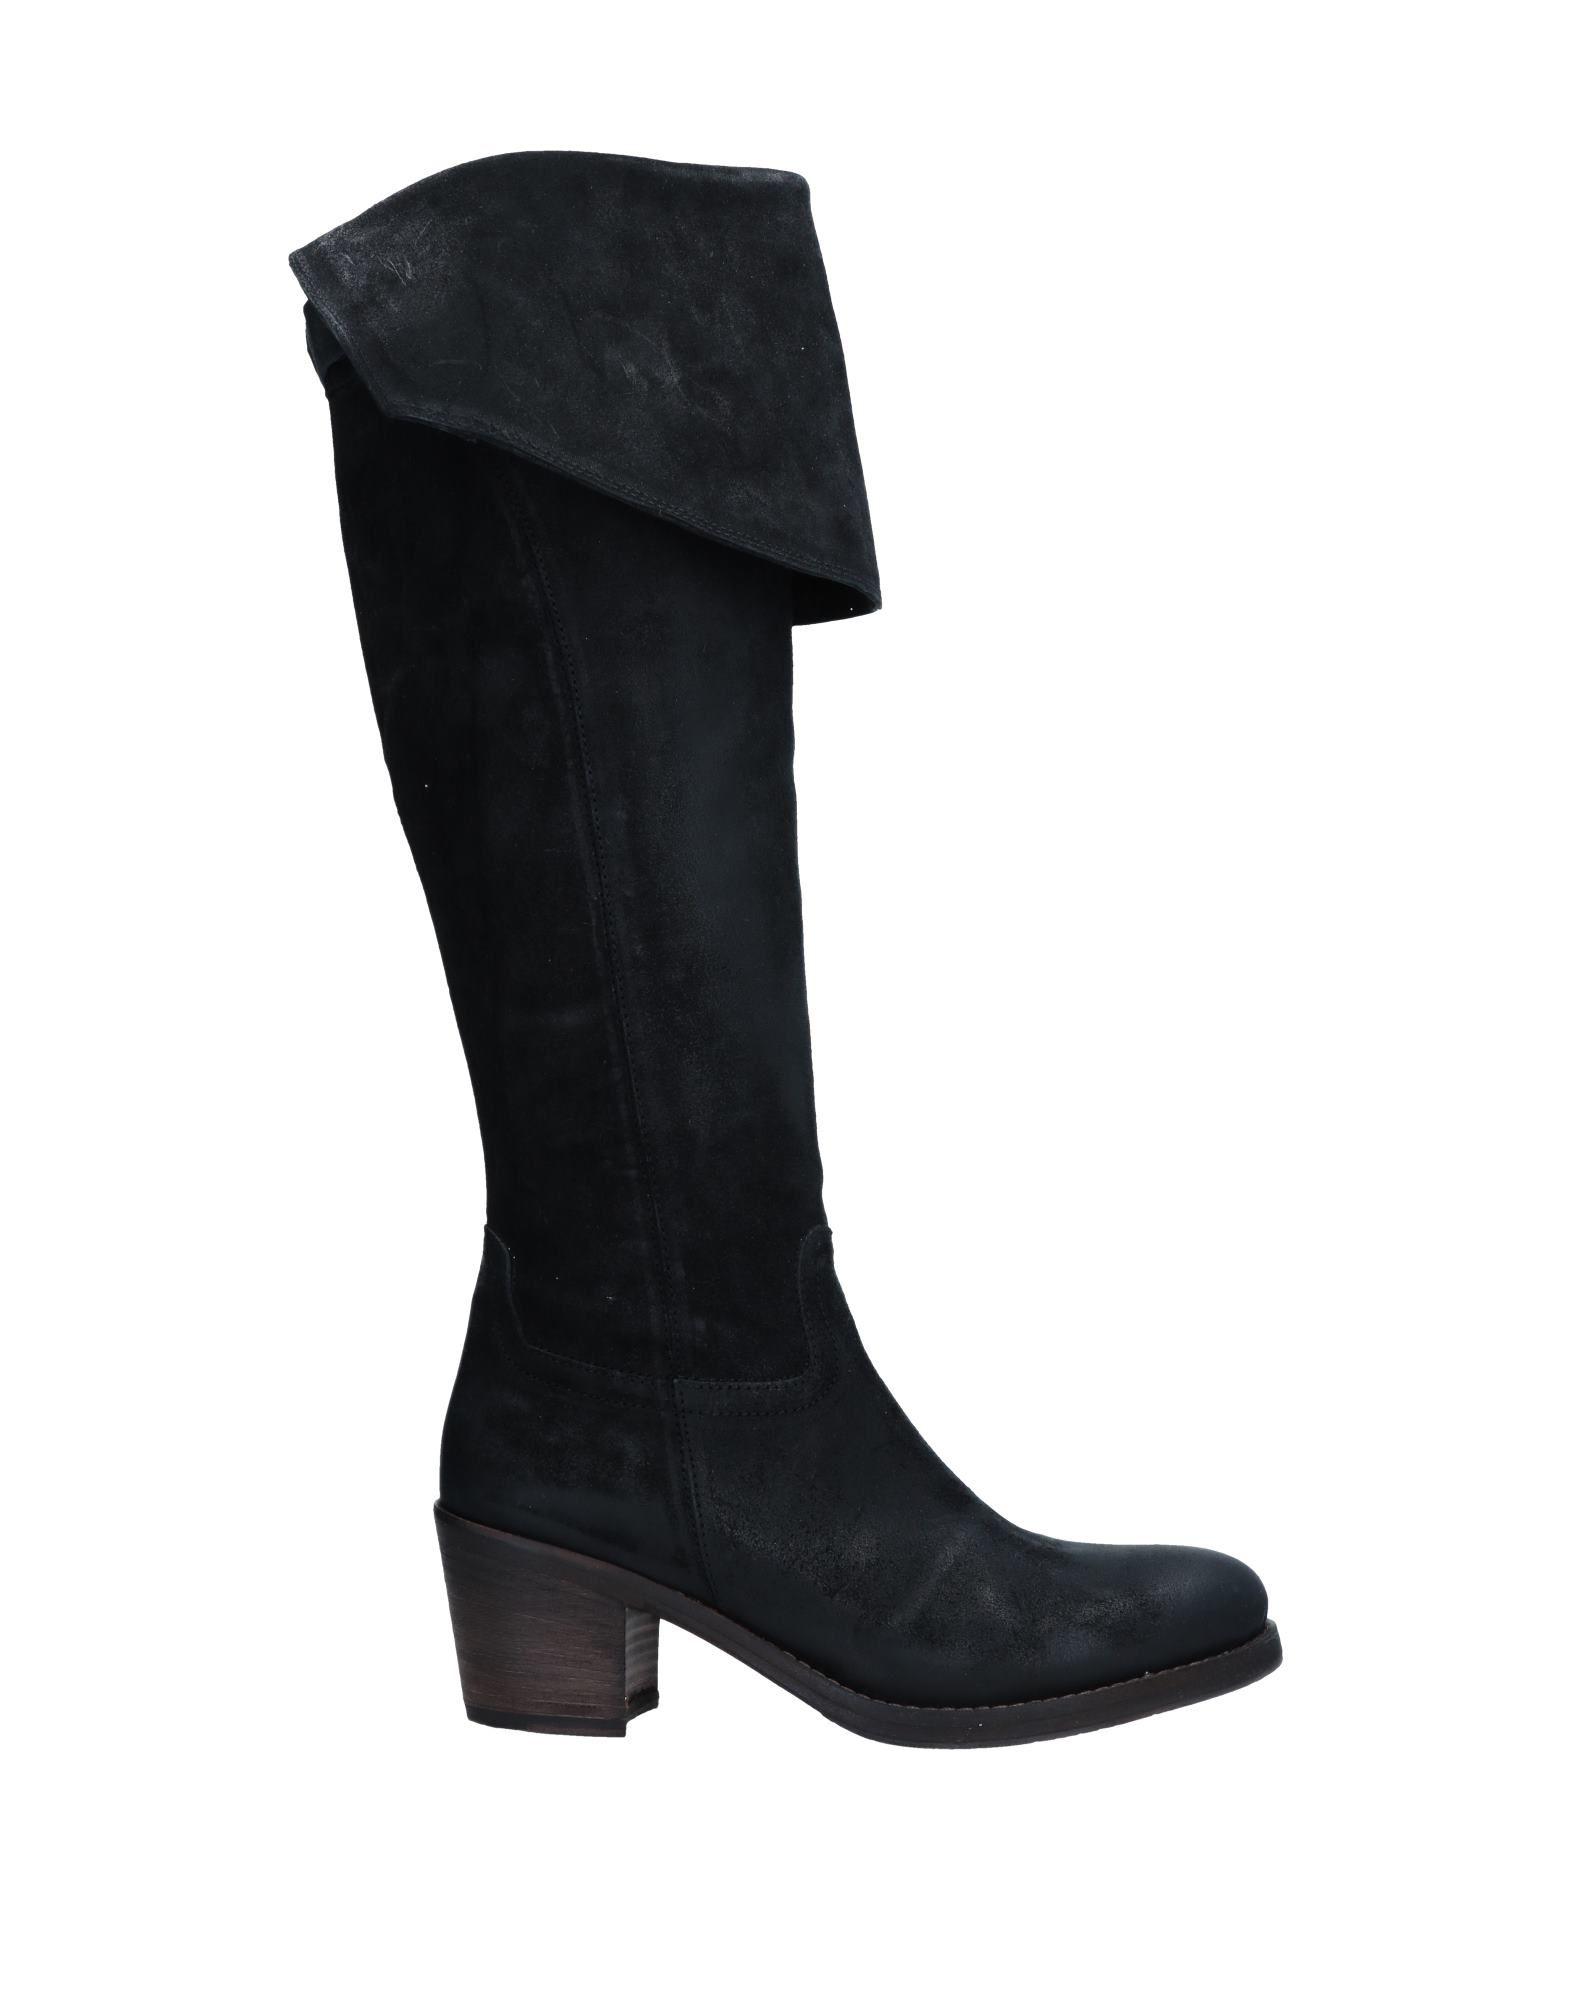 El Campero Boots - Women on El Campero Boots online on Women  Canada - 11543171BM dcad2d